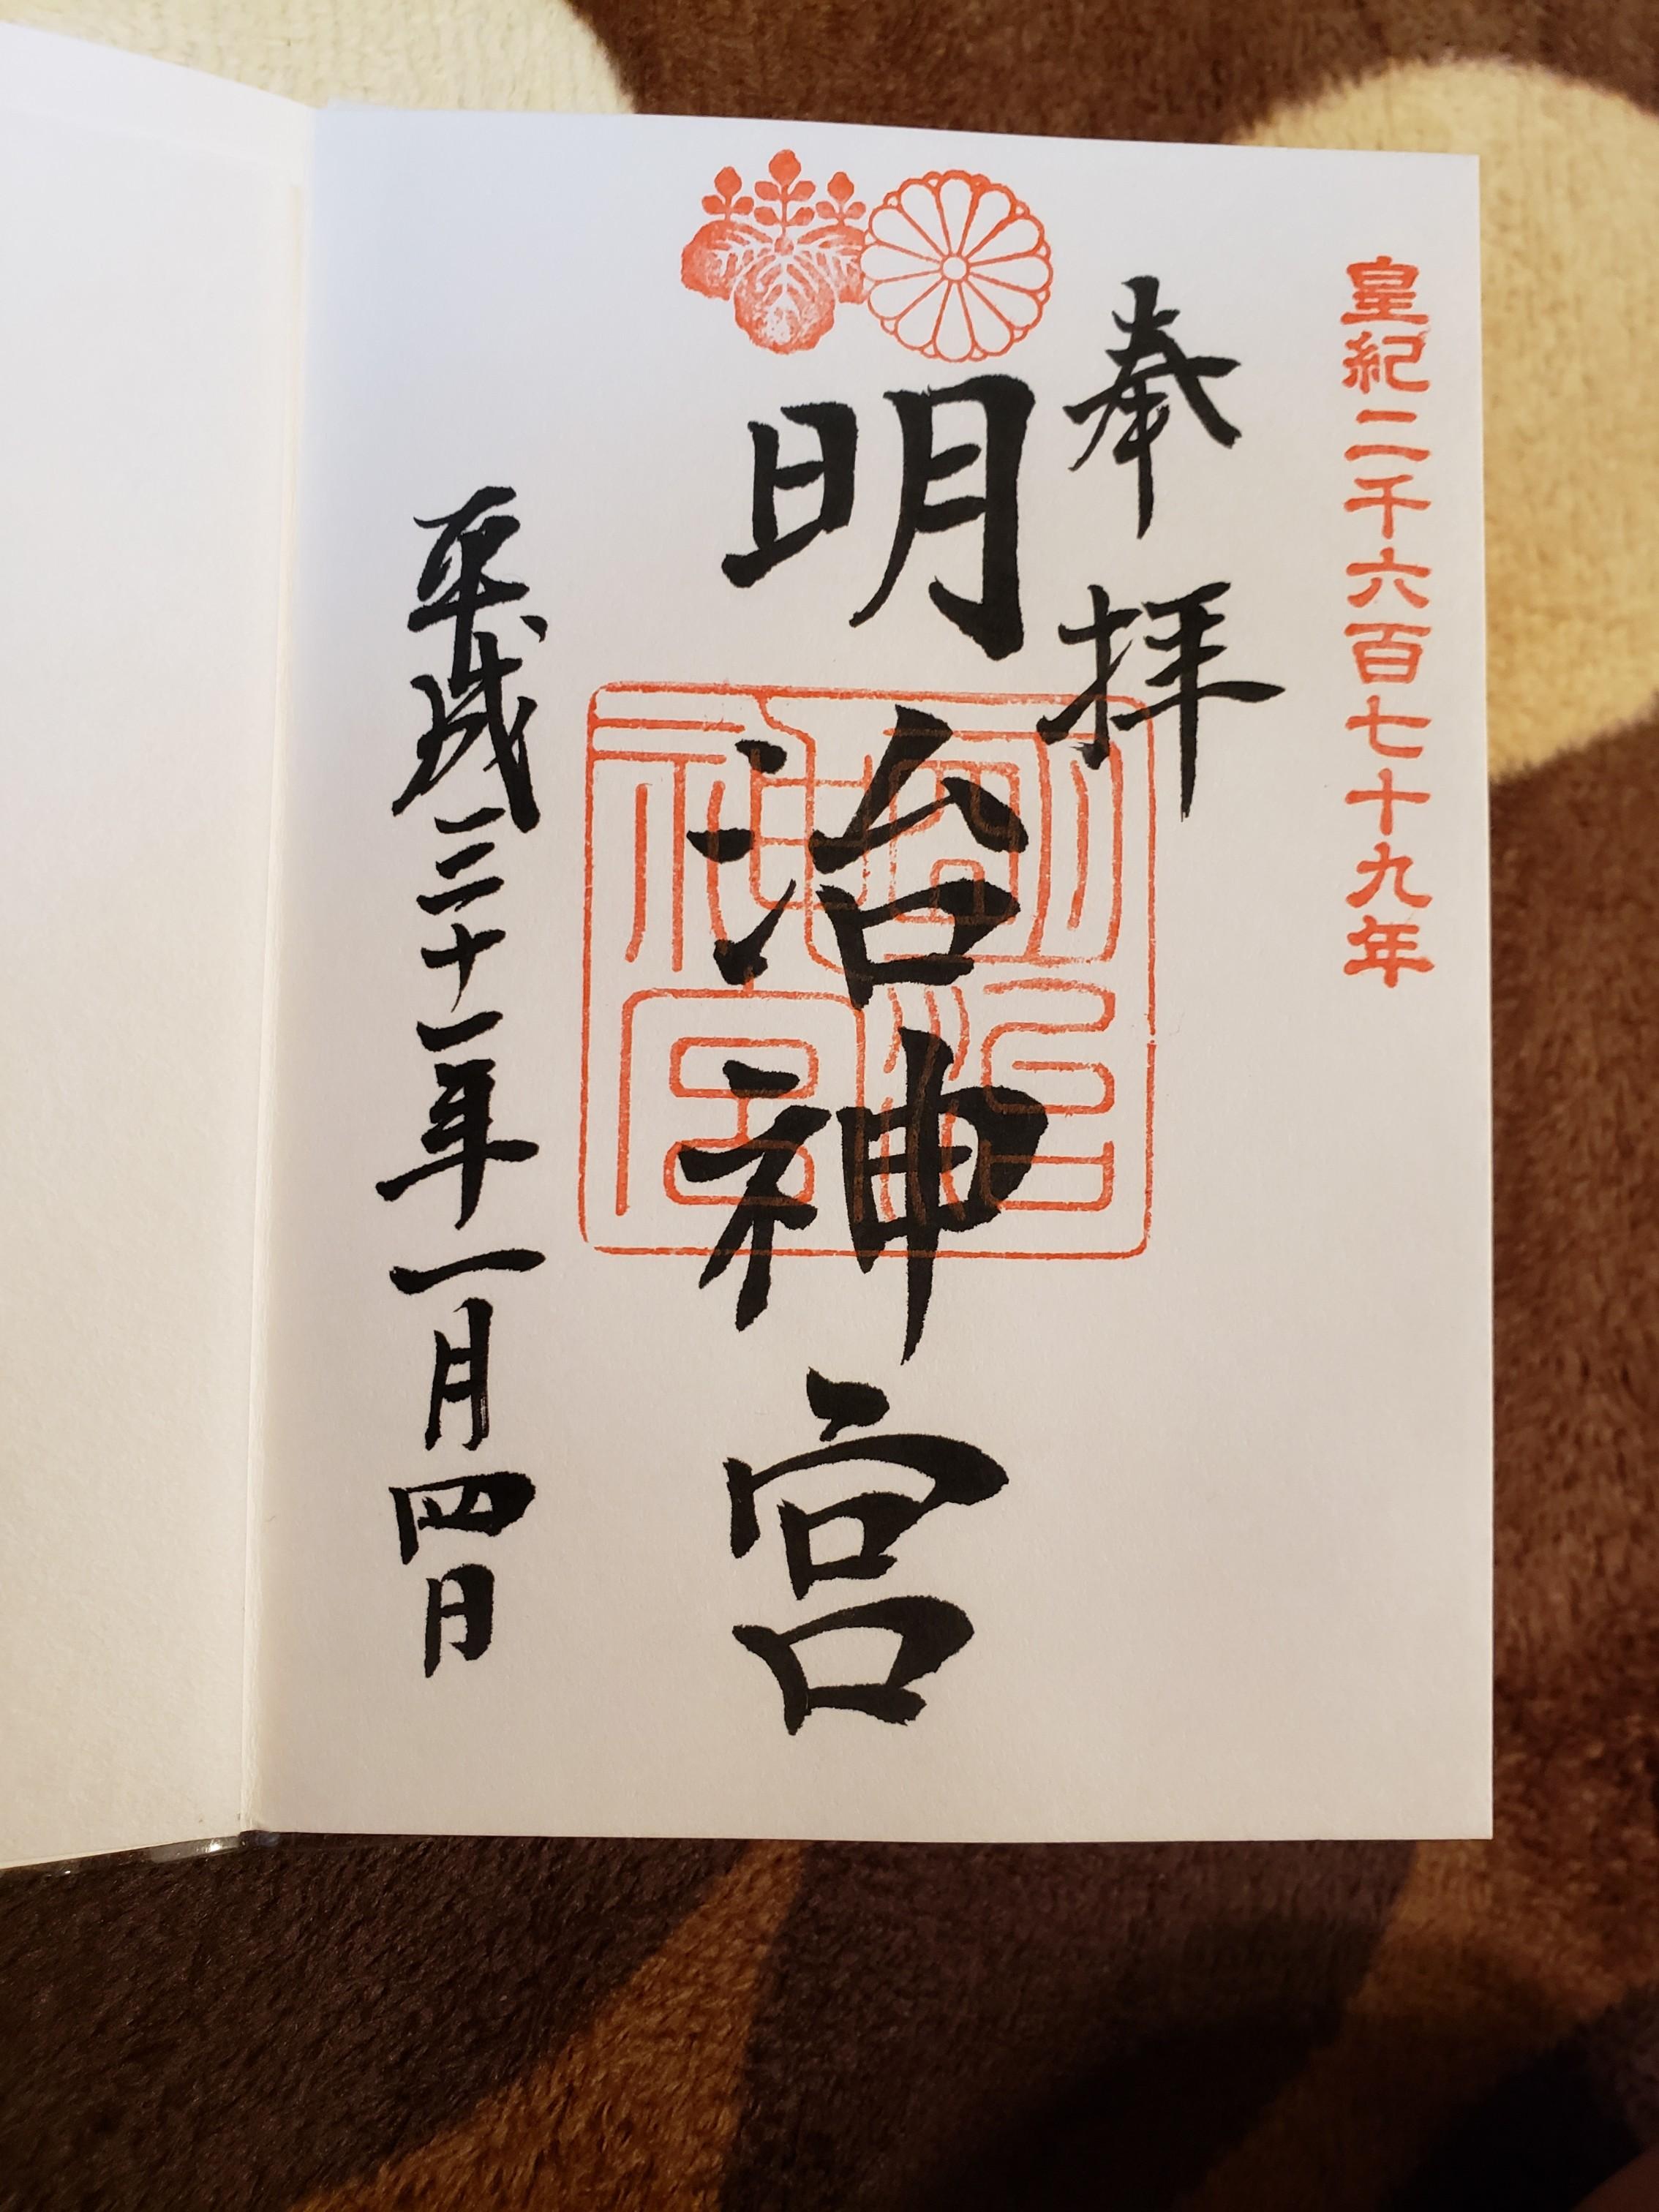 【初詣】神社3社にお参りにいってきました( ´∀`)_8